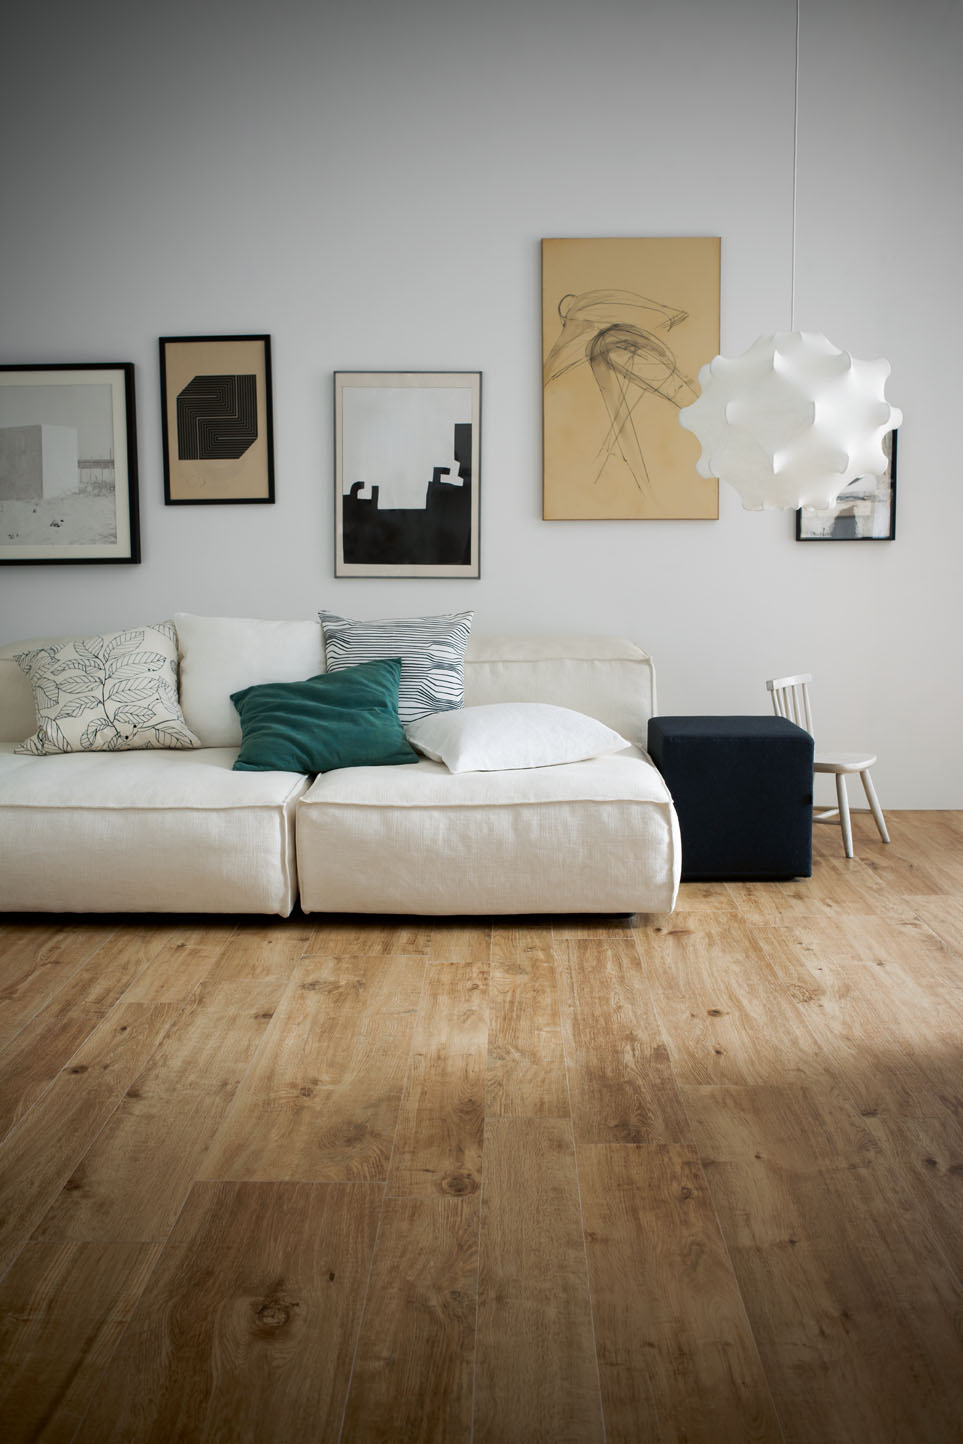 kol tegels keramisch hout product in beeld startpagina voor